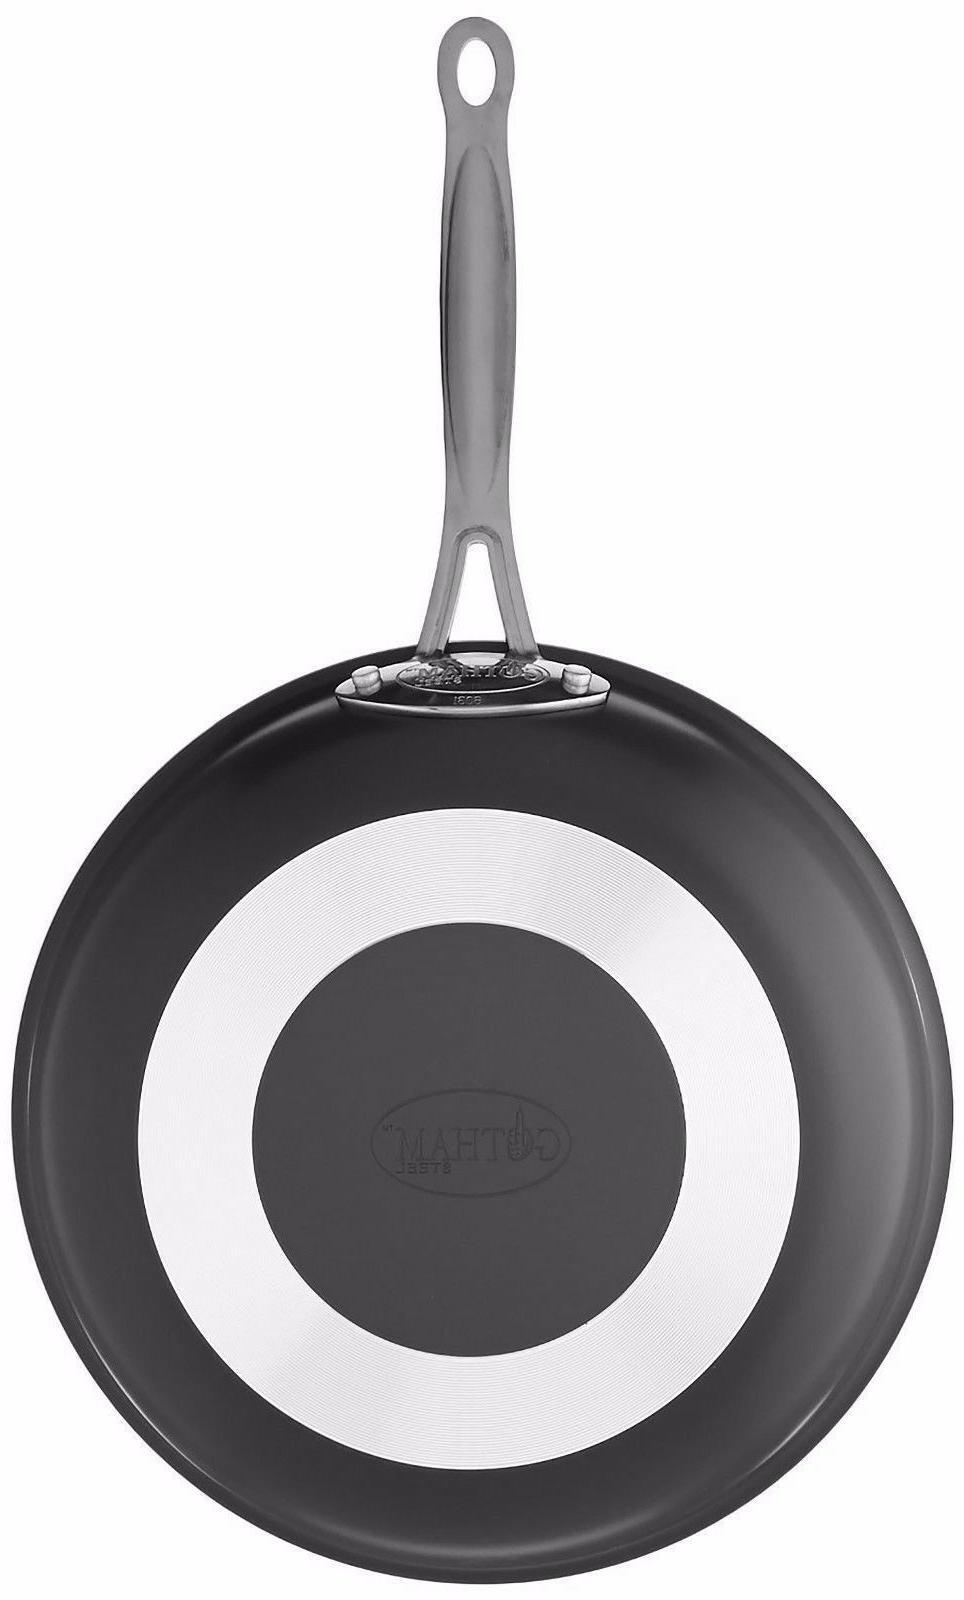 """GOTHAM STEEL Frying Pan Cookware Set + FREE 9.5"""" Pan"""